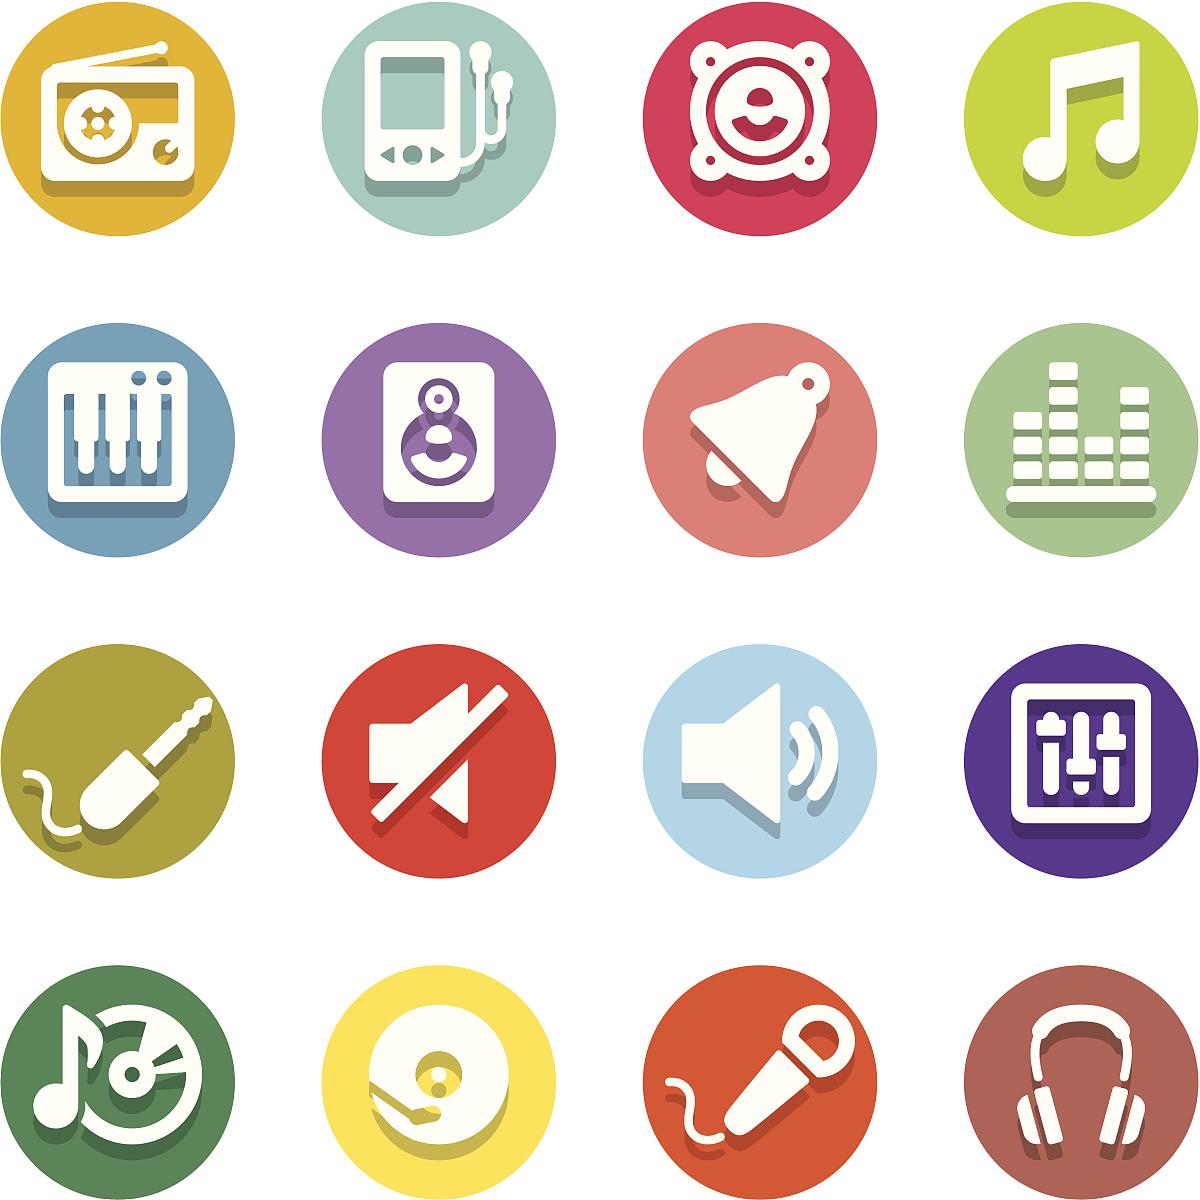 按钮,音频混合器,音乐,关闭,扩音器,控制面板,唱盘,计算机图标,反射图片